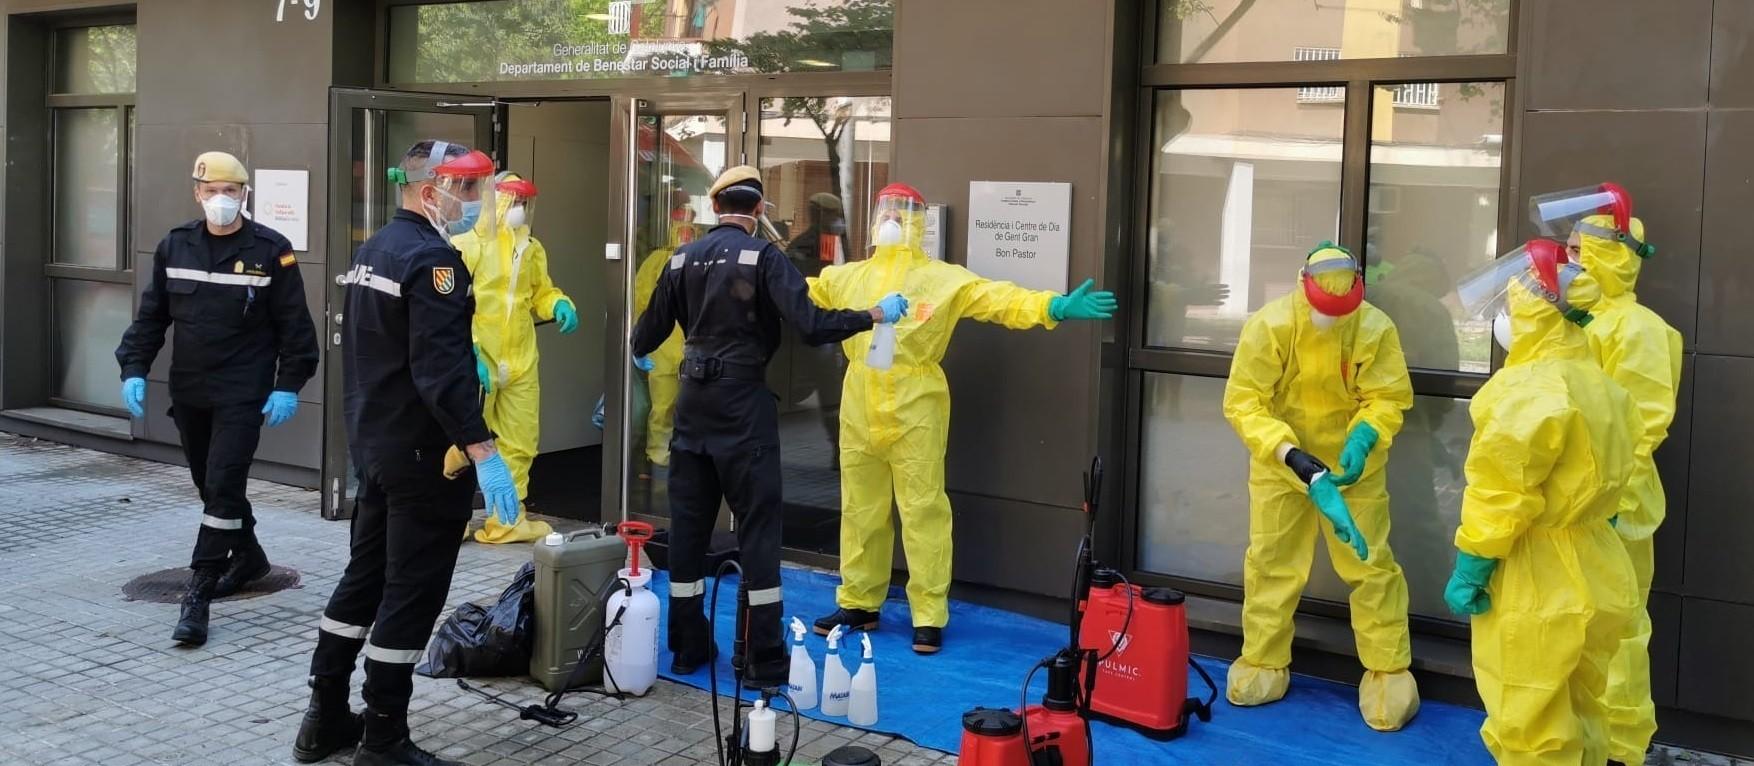 """Cuarenta euros paga Defensa a cada militar por su """"ejemplar respuesta"""" durante la pandemia"""